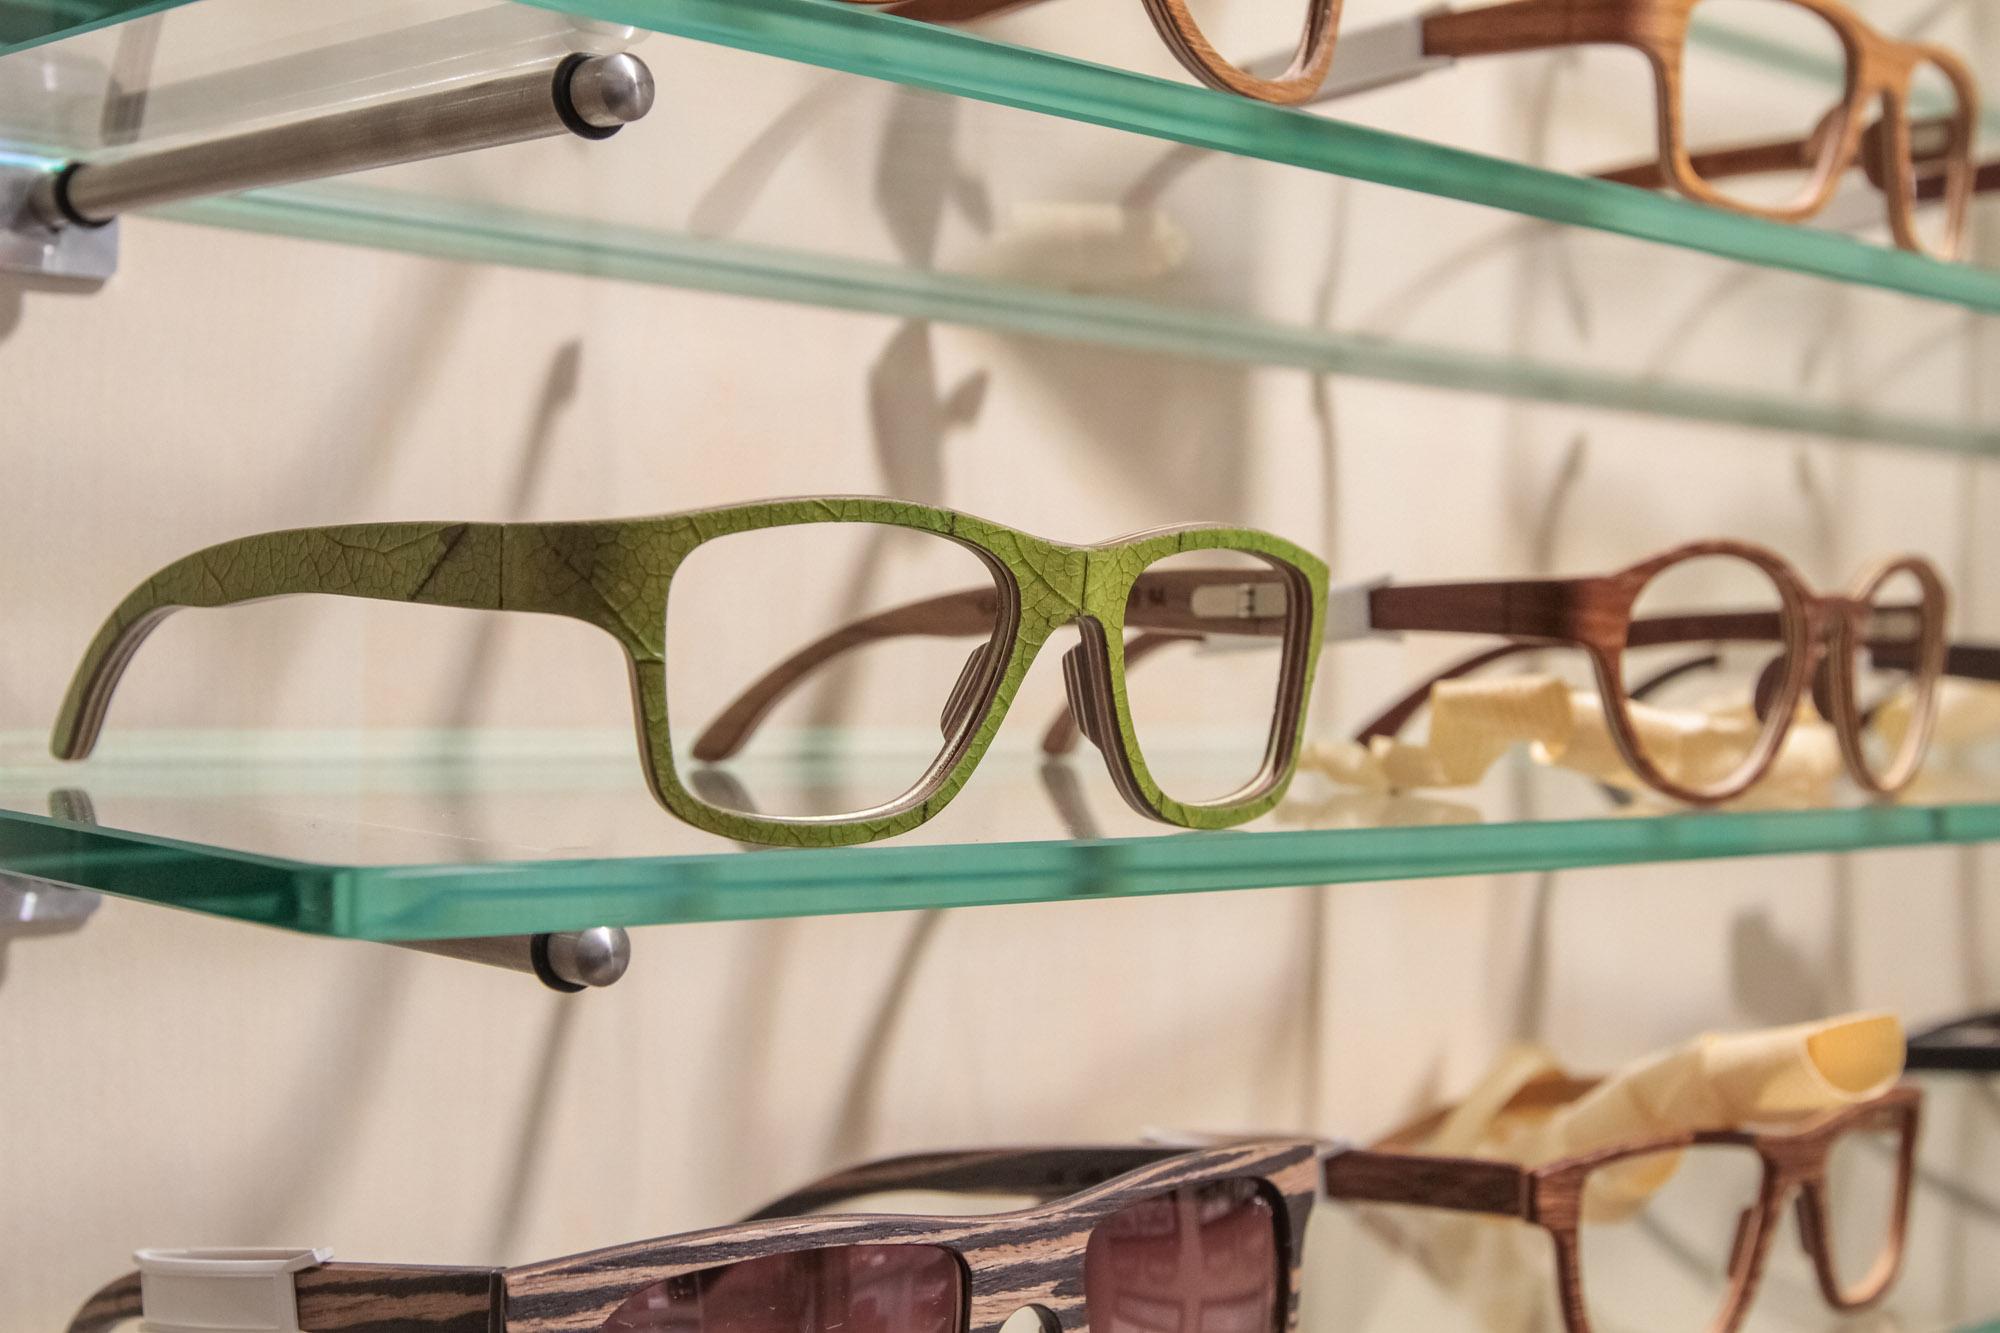 Brillenfassung - Fetzer Moosburg